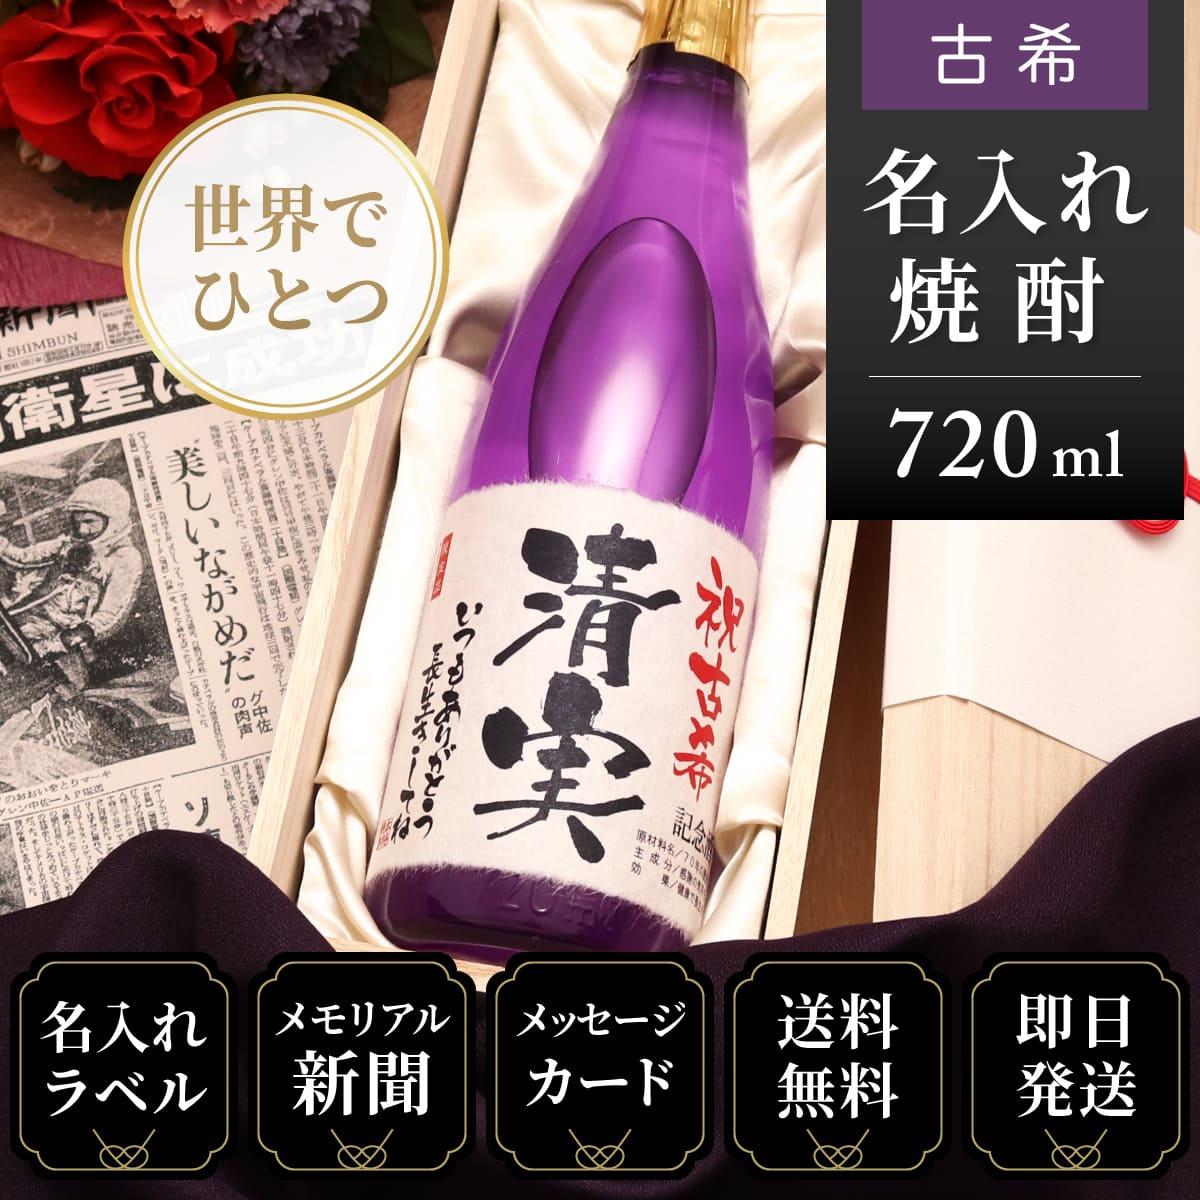 古希祝いのプレゼント「華乃桔梗」上司向けギフト(酒粕焼酎)